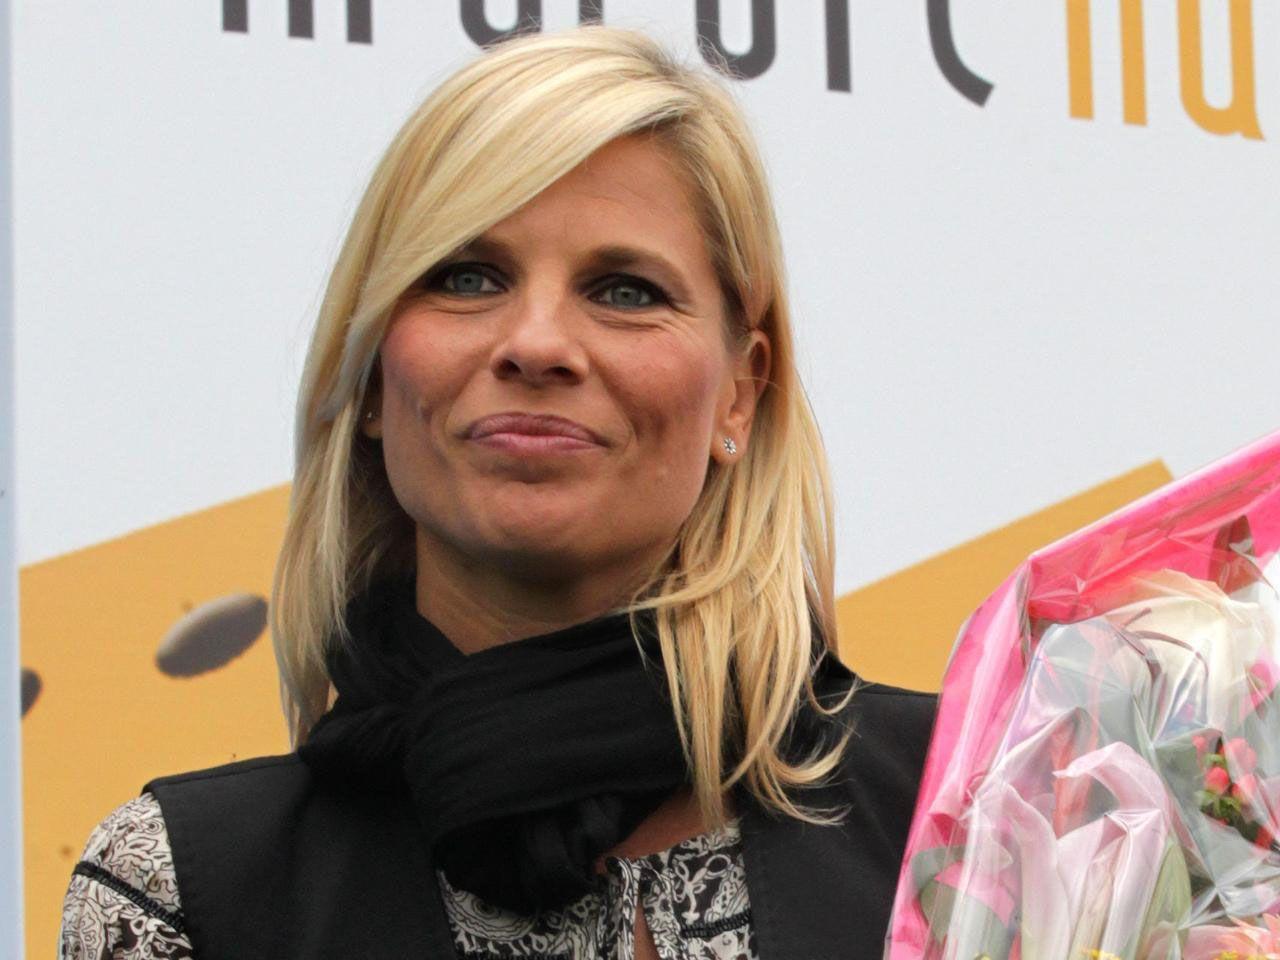 Laura Freddi mamma: è nata Ginevra, la prima figlia della showgirl